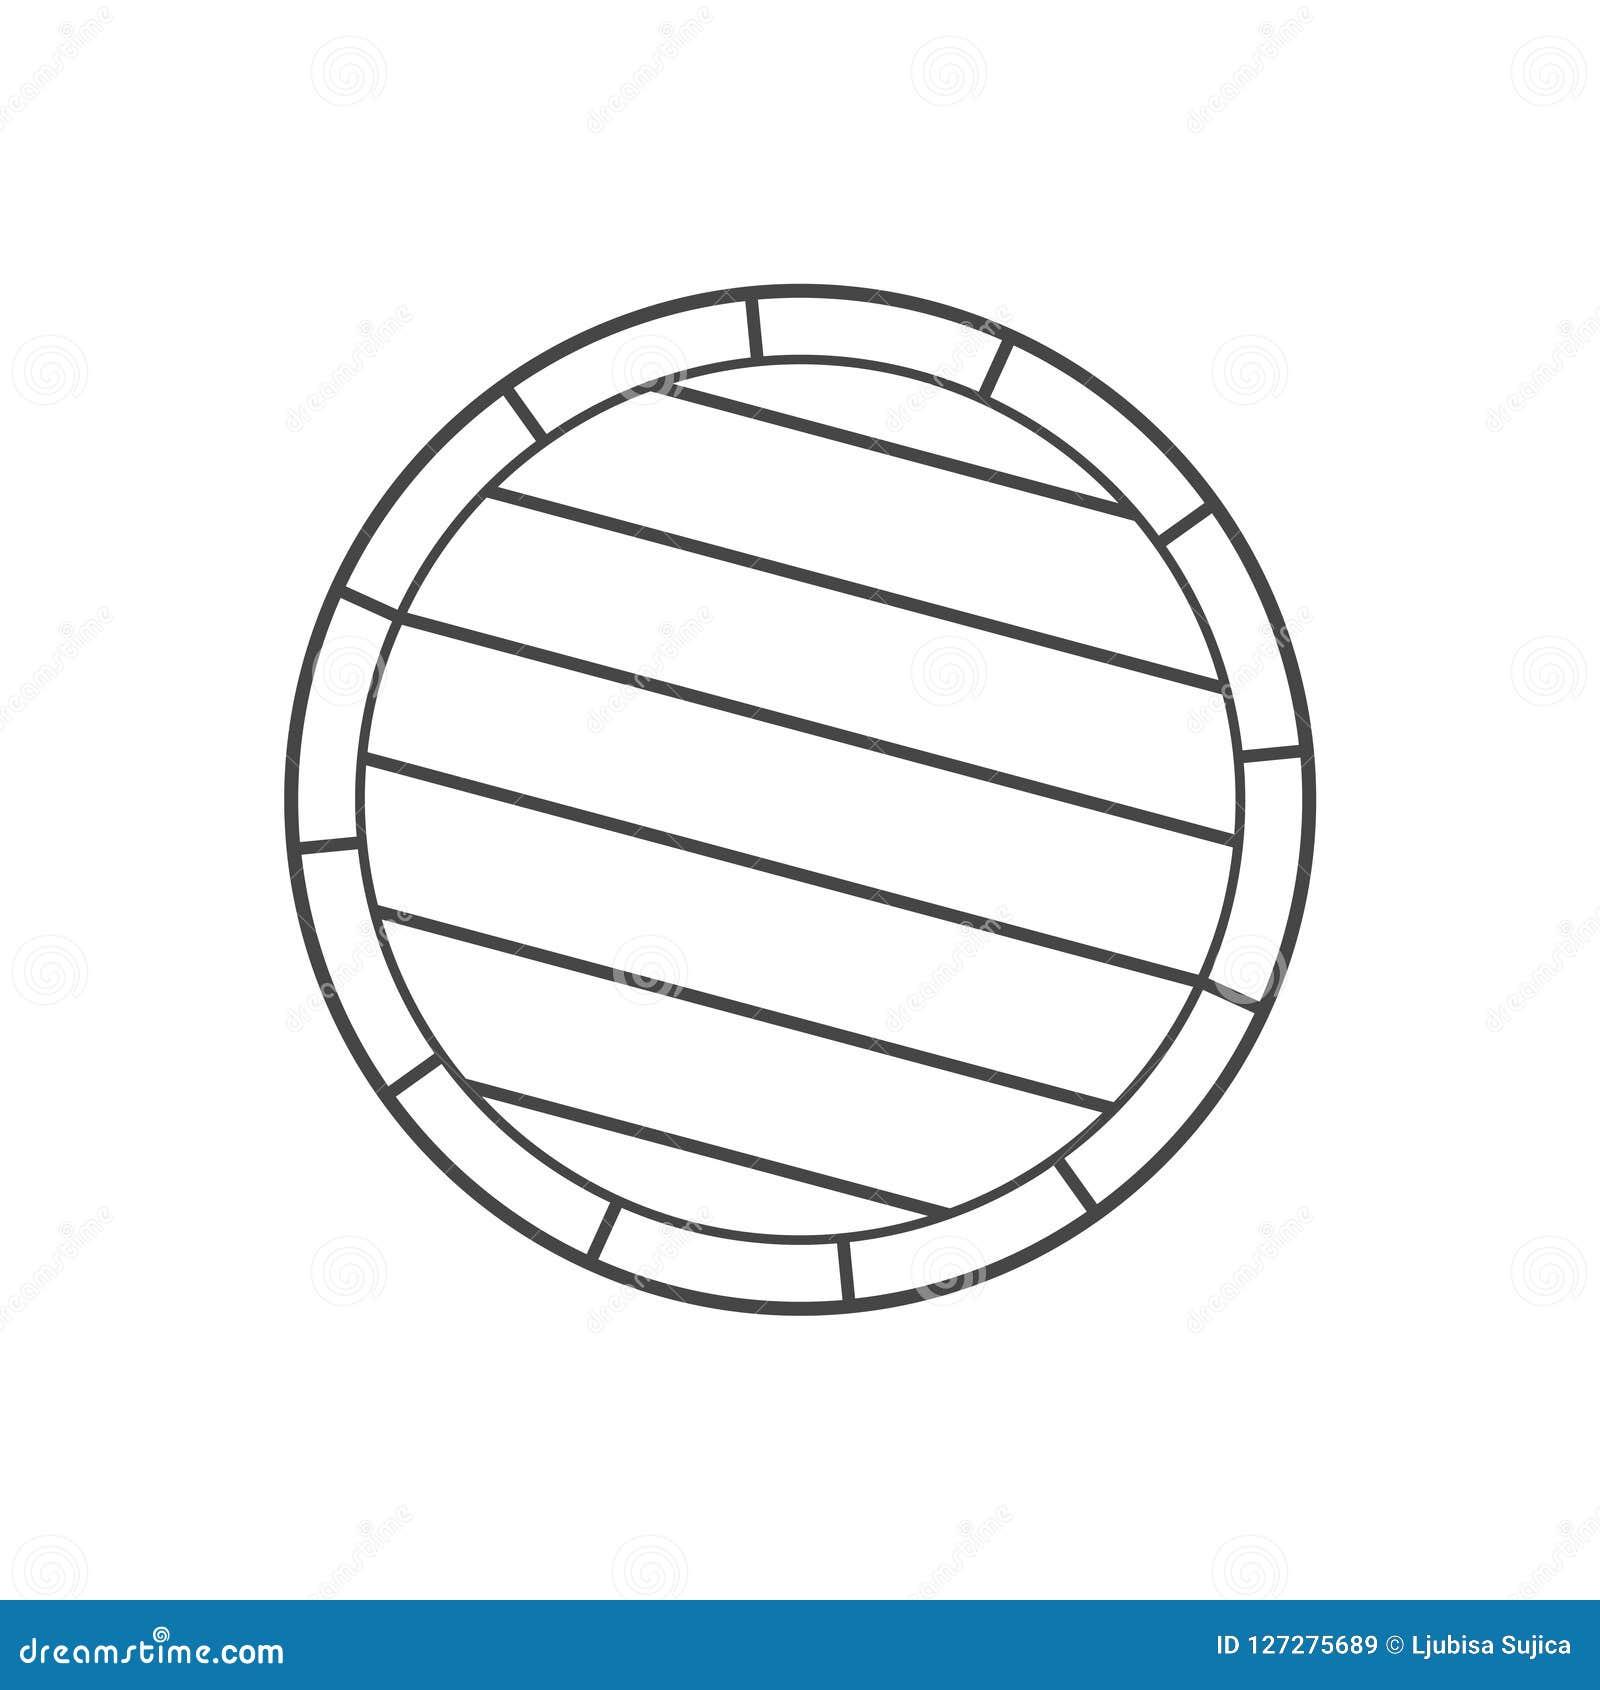 Simple Wooden Barrel icon